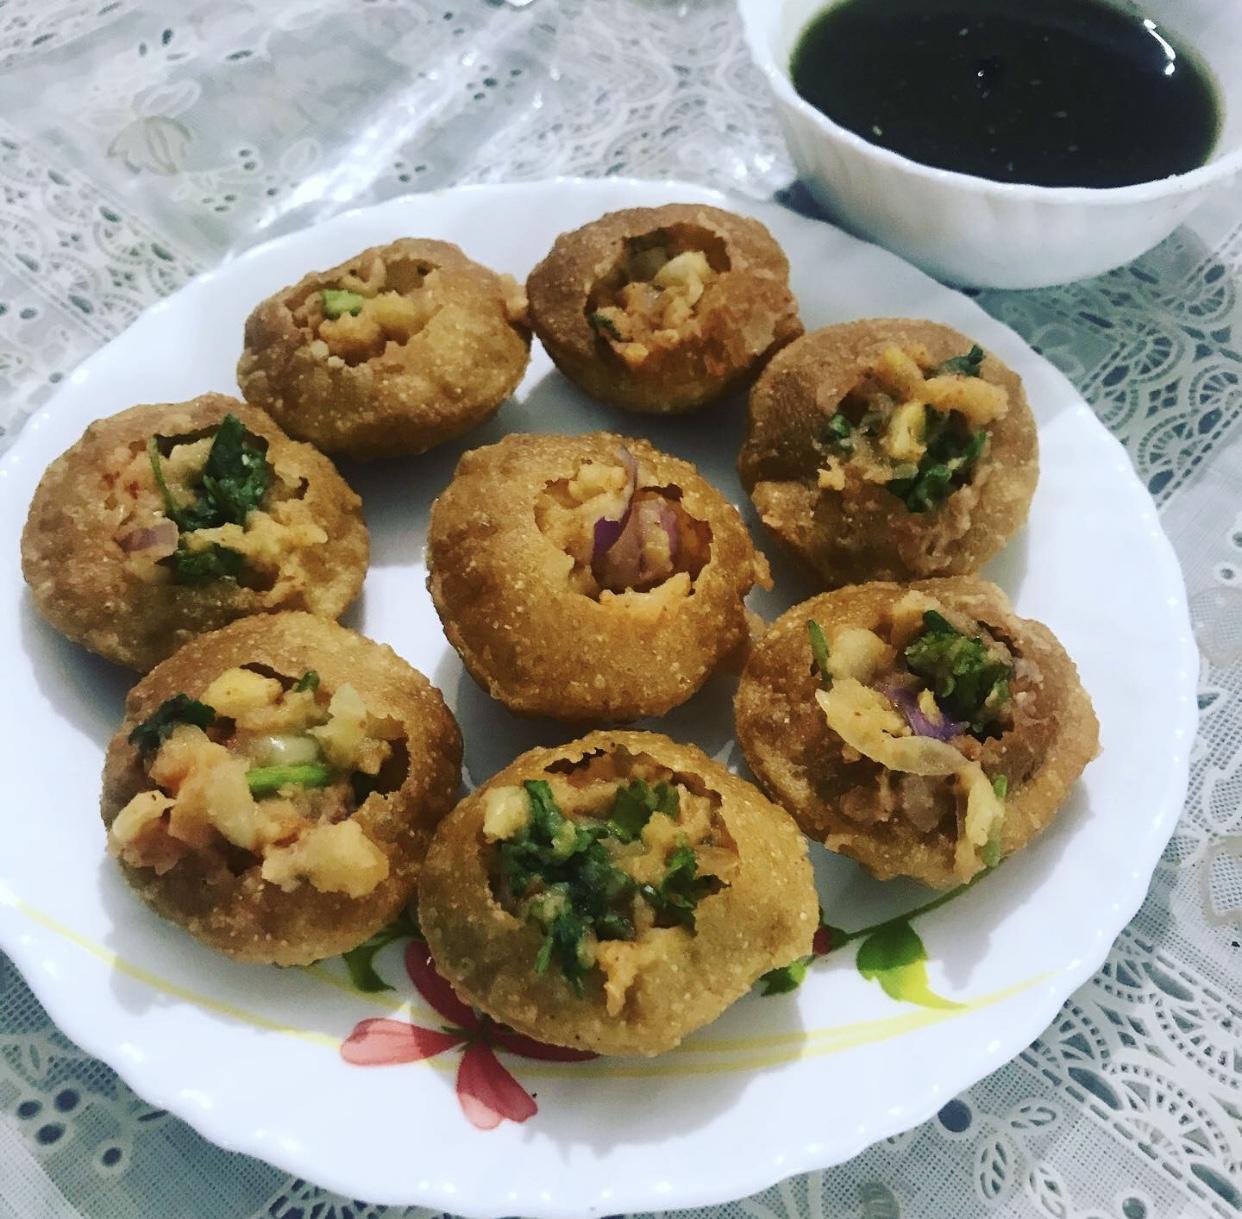 panipuri (golguppe)recipe